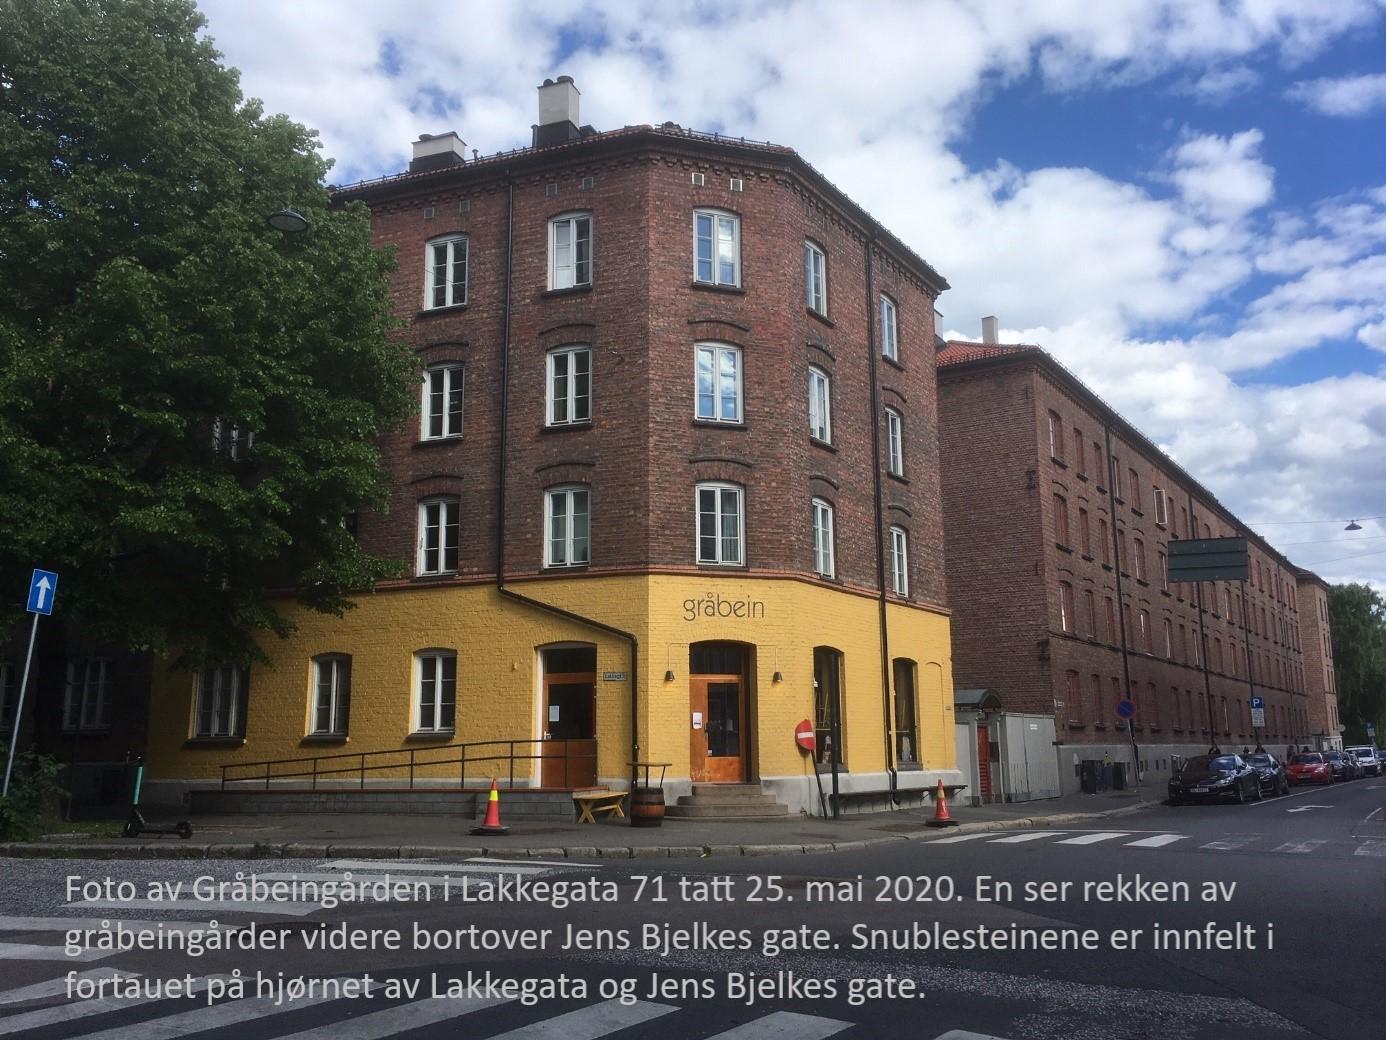 Gråbeingården i Lakkegata 71, 2020.jpg